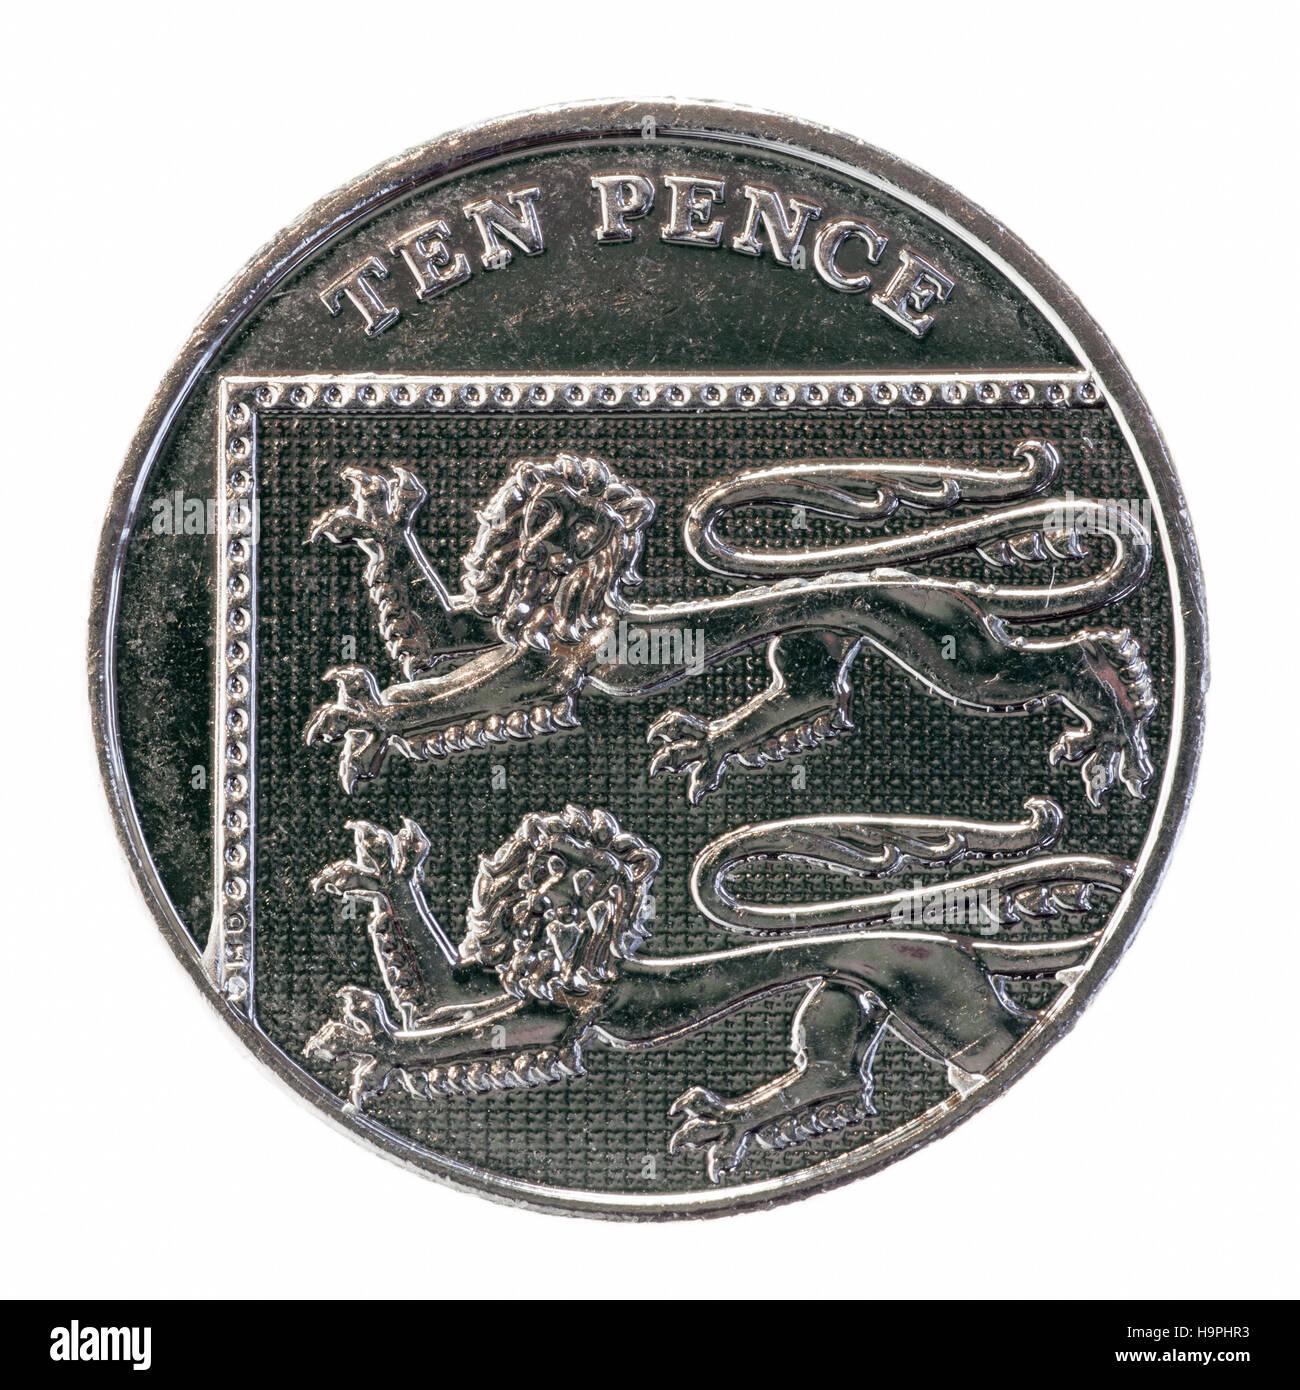 2008 Neues Design Für Die Britische Münzen 10 Pence Stück Stockfoto